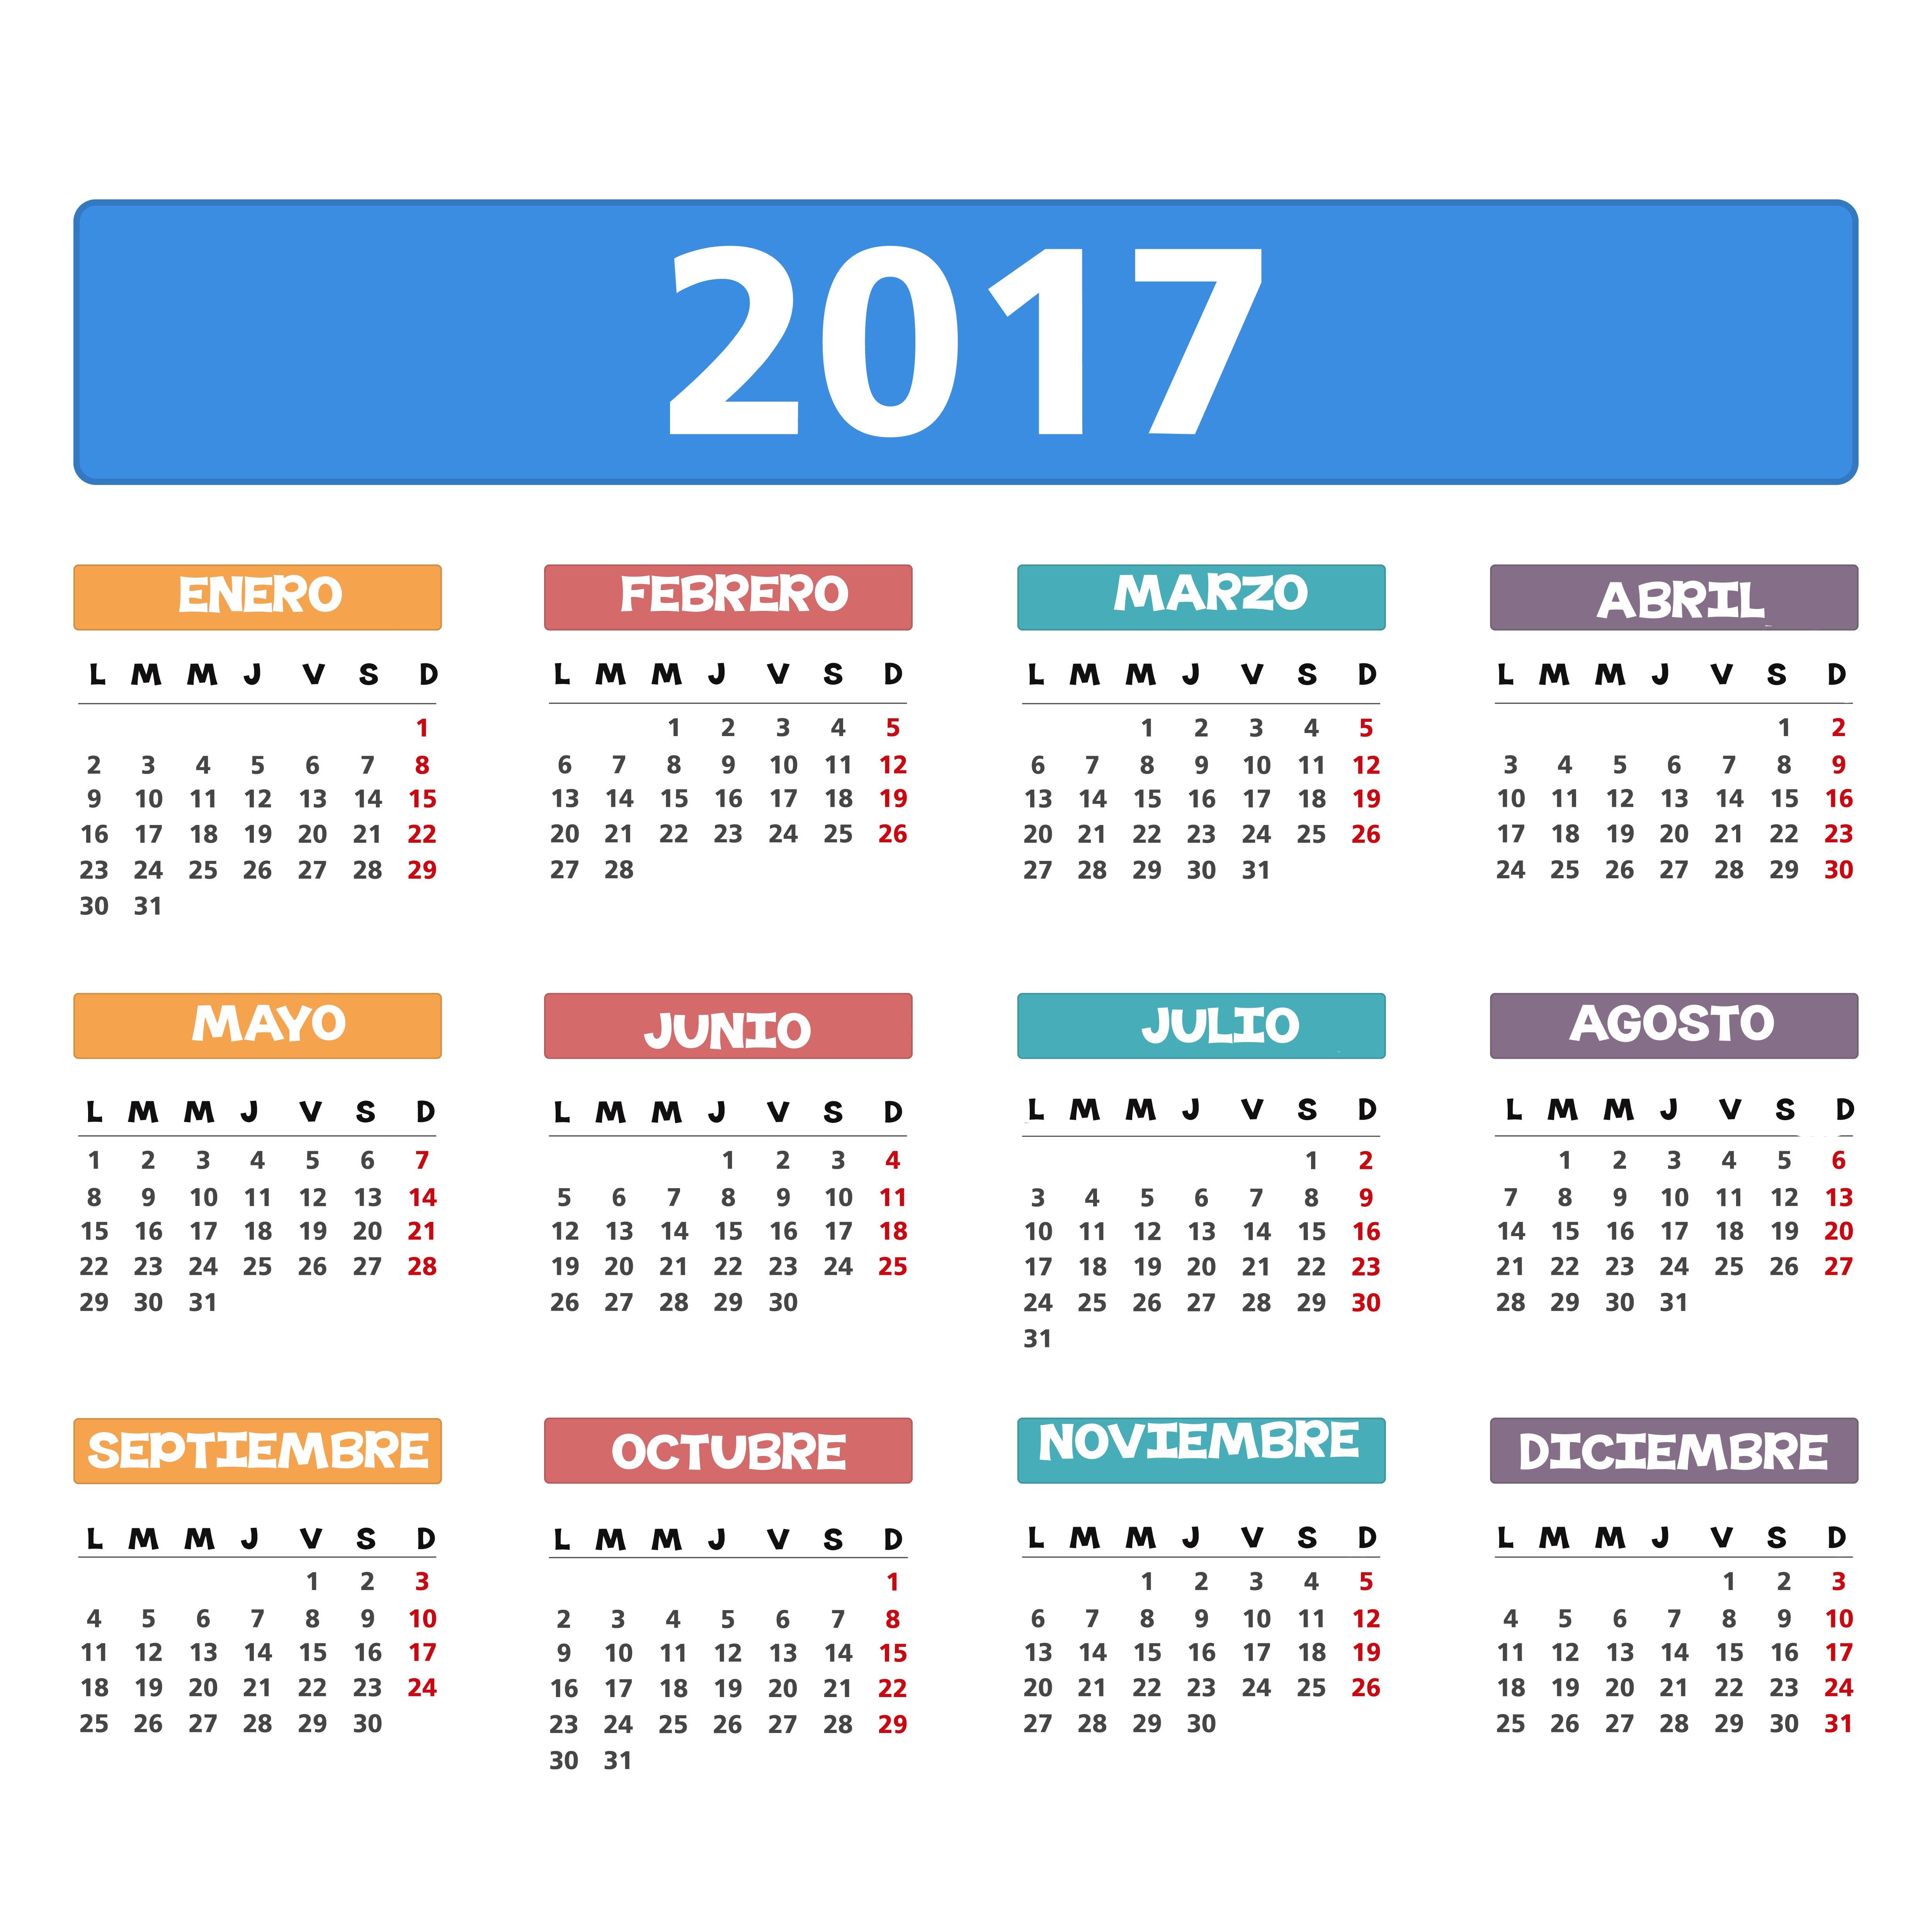 Calendario Septiembre 2017 Para Imprimir Chile Más Recientes Imprimir Calendario Por Meses Cheap Imprimir Calendario Por Meses